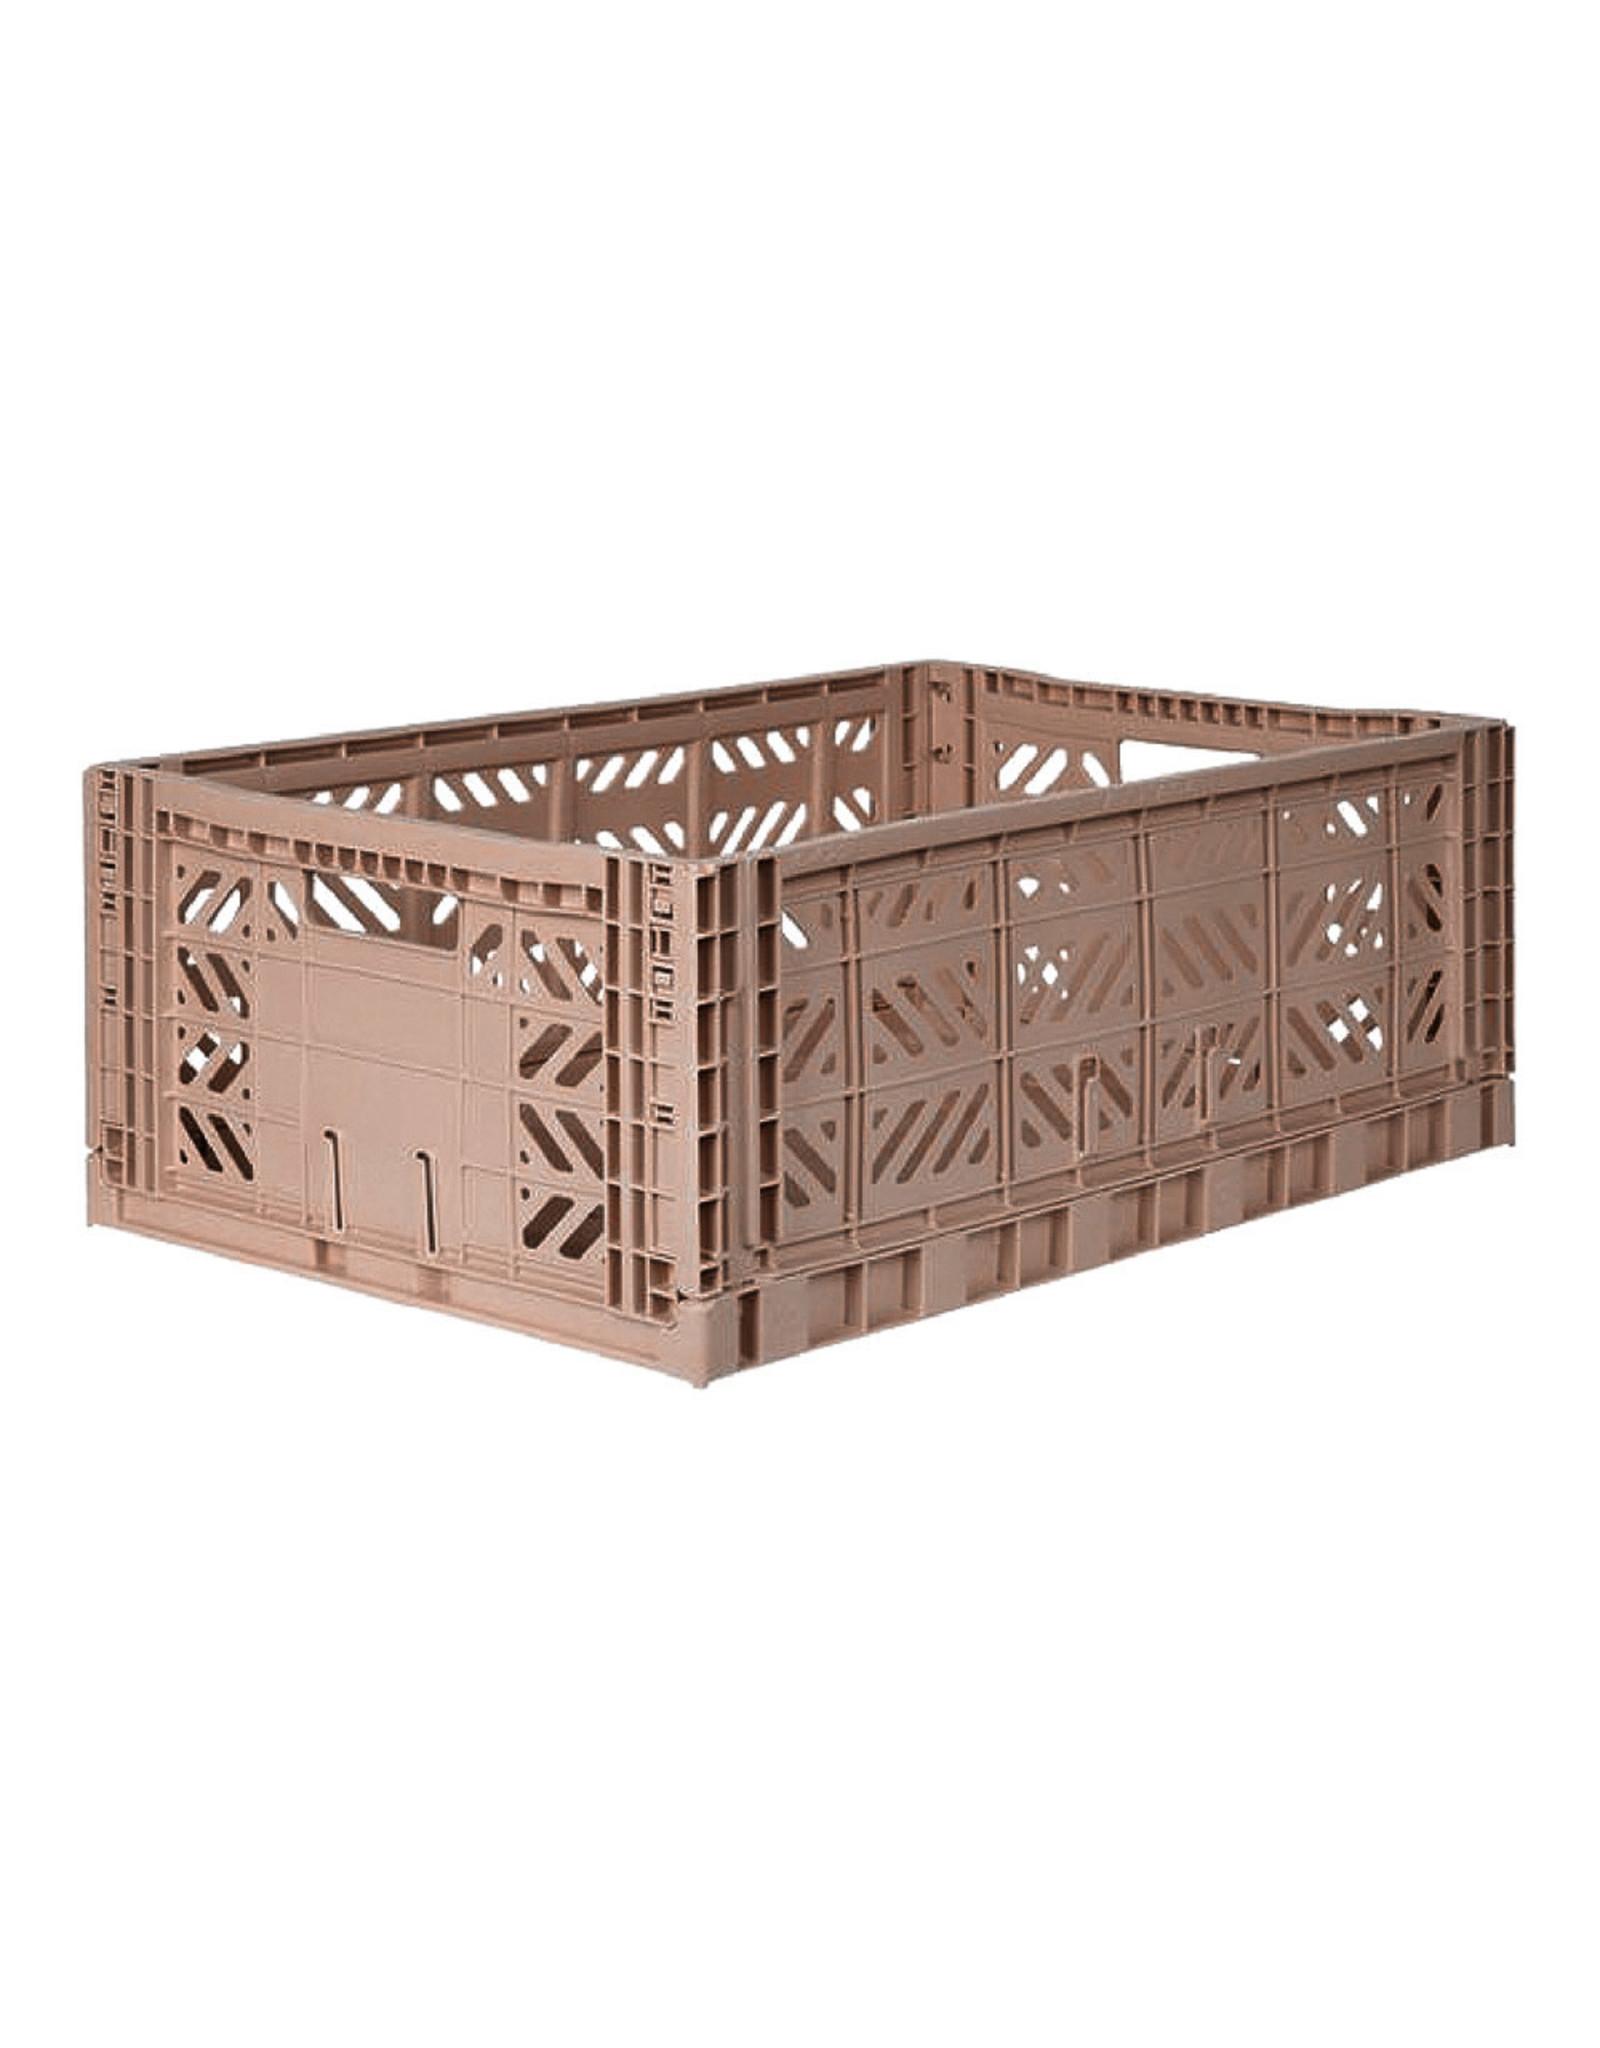 Ay-Kasa Aykasa Box - Maxi - Warm Taupe